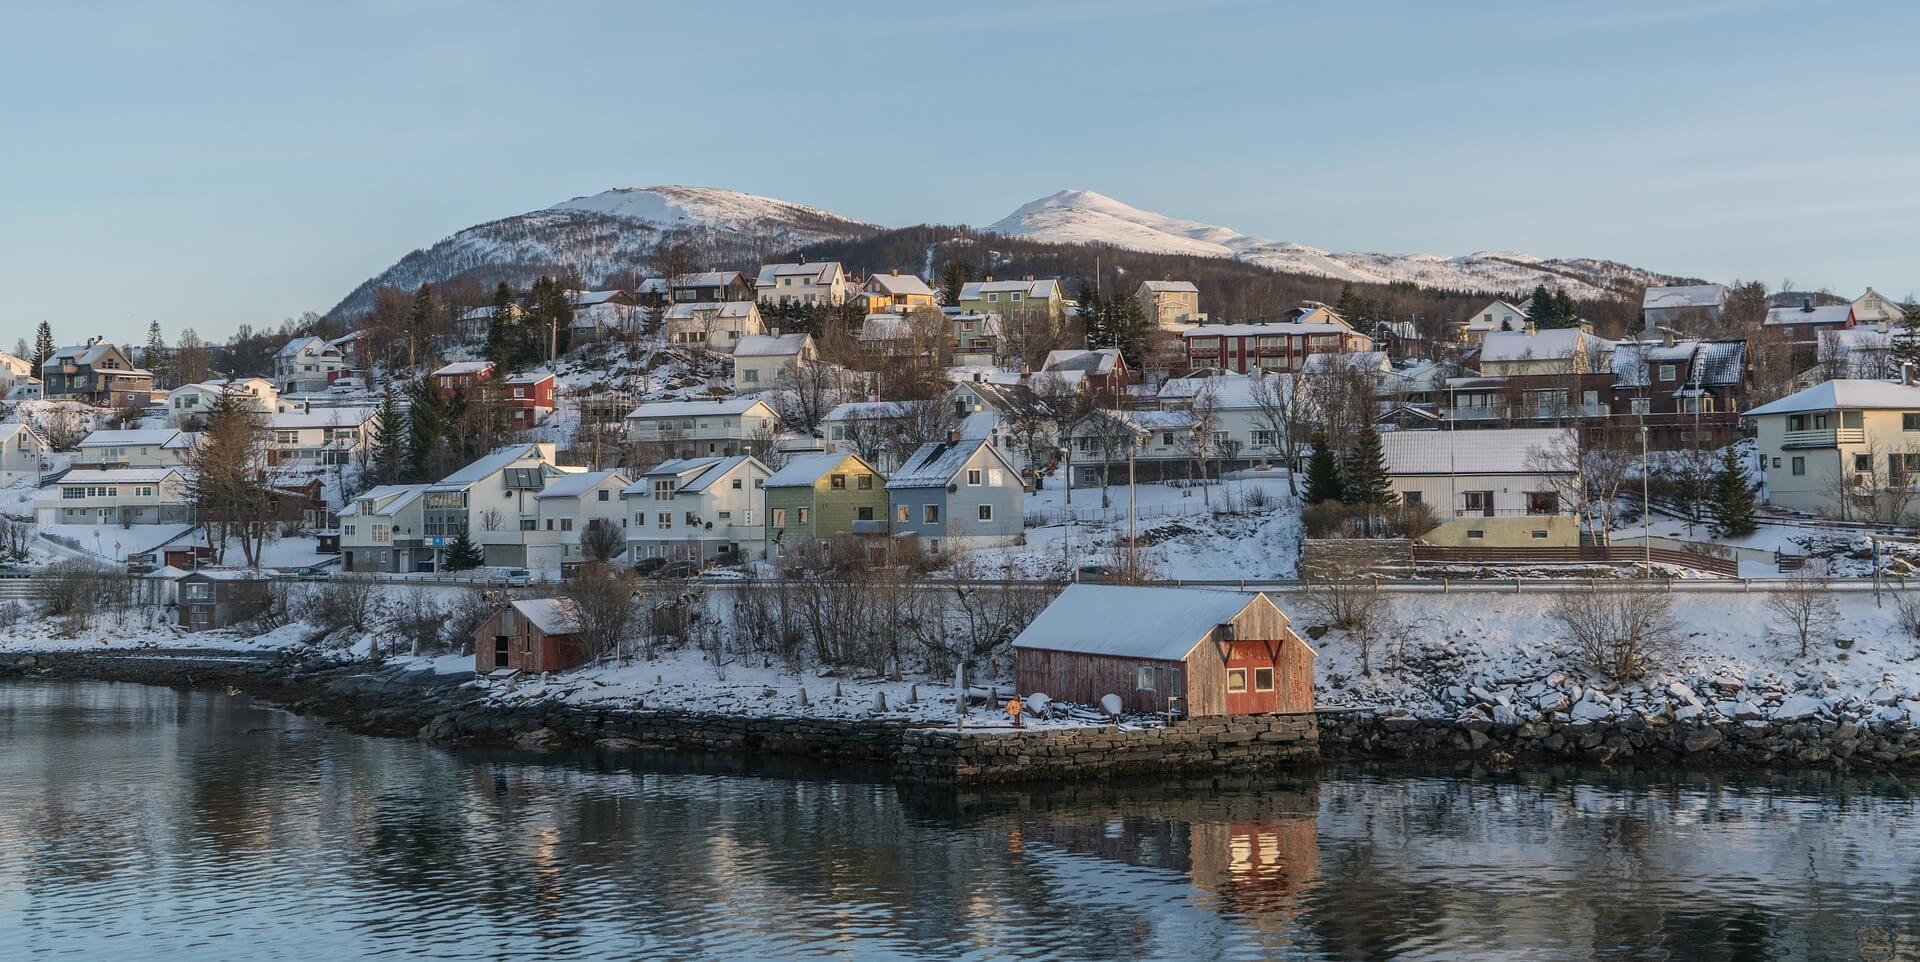 Direktflüge und Billigflüge ab Zürich nach Tromso